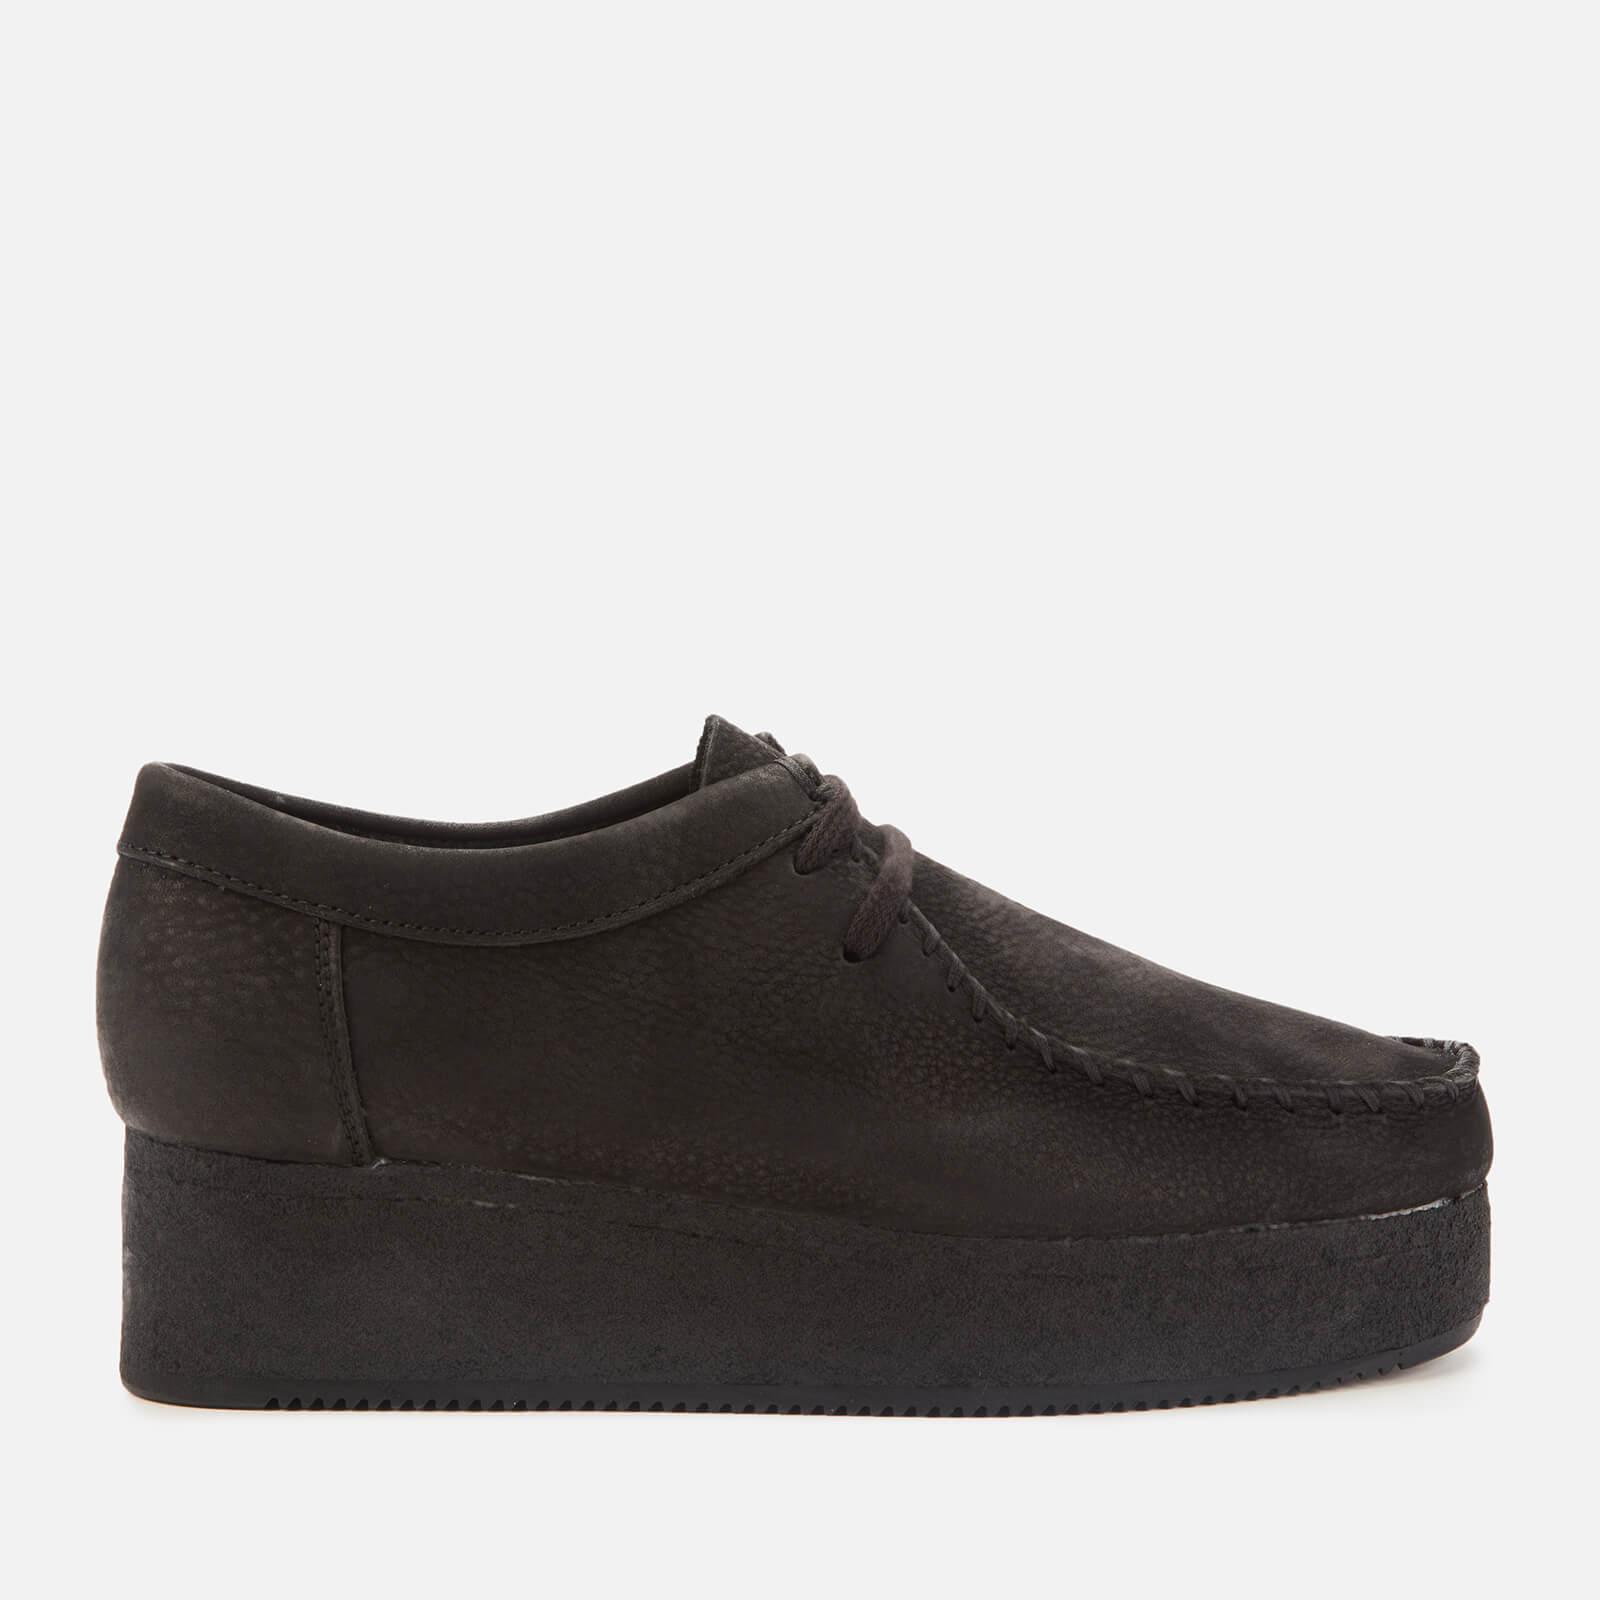 Clarks Originals Women's Wallacraft Low Nubuck Flatform Shoes - Black - UK 4